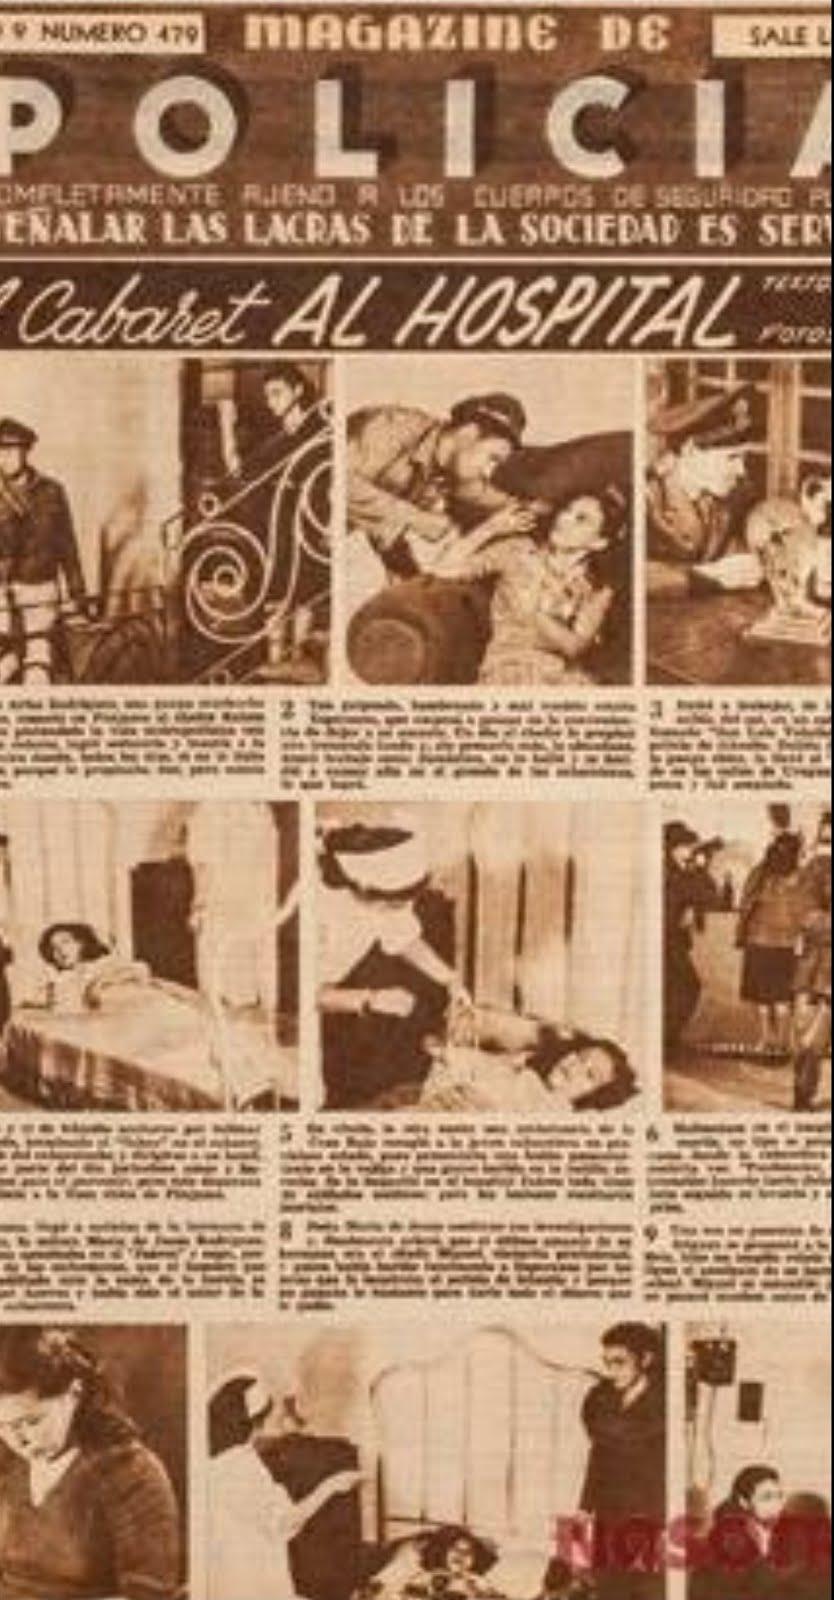 La propaganda del miedo contra la vida nocturna de los años 50